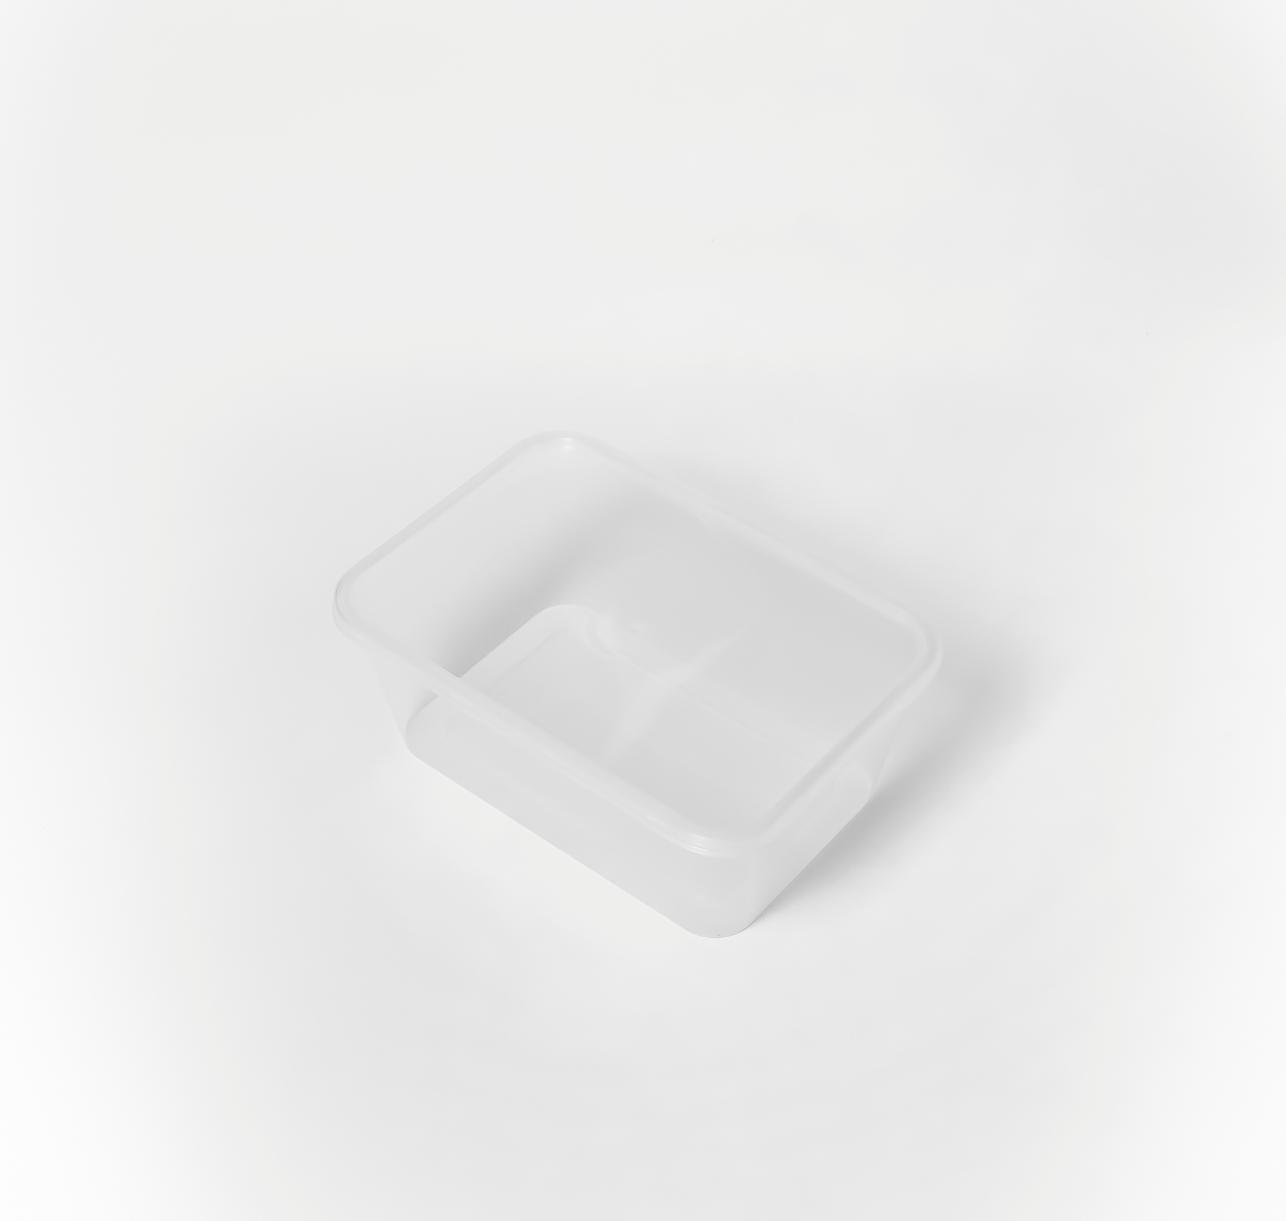 กล่องอาหารพลาสติก 1 ช่อง premium 1,000ml